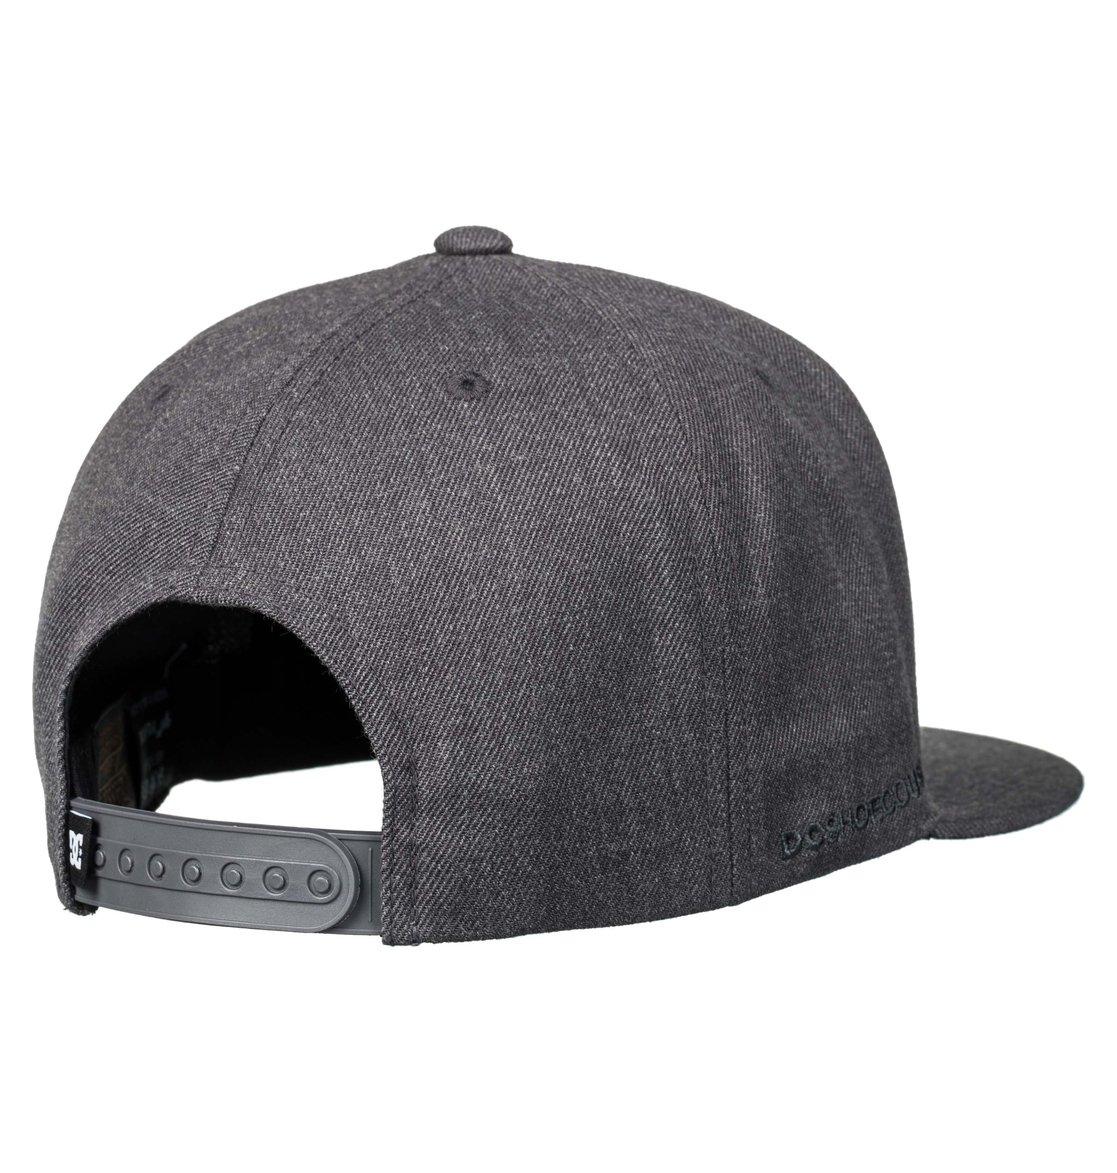 2 Heard Ya Snapback Hat ADYHA03494 DC Shoes 080c2877e08d